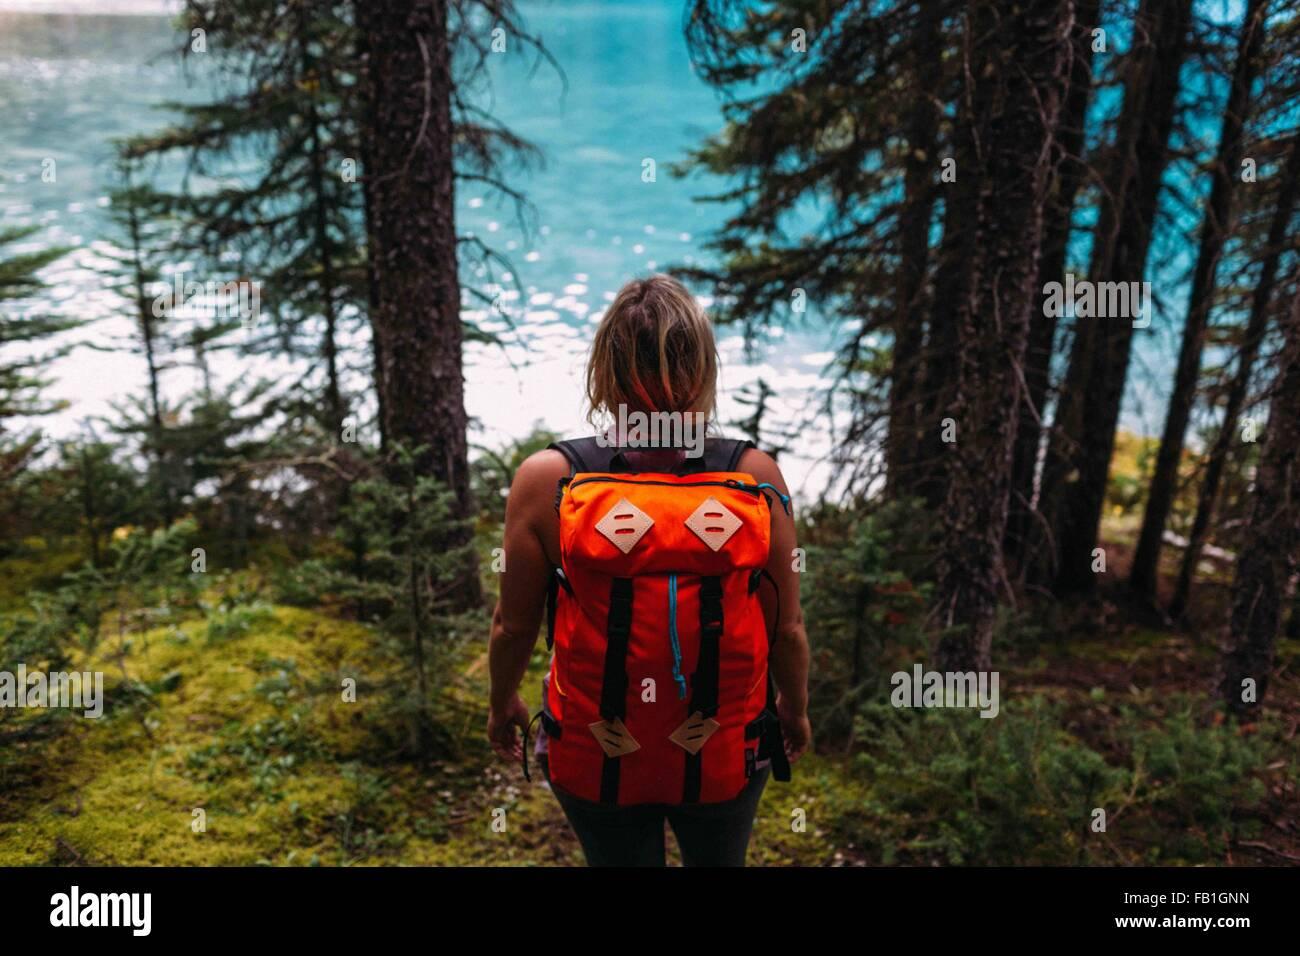 Vue arrière Mid adult woman holding orange sac à dos couleur de l'eau de la forêt du parc national Photo Stock